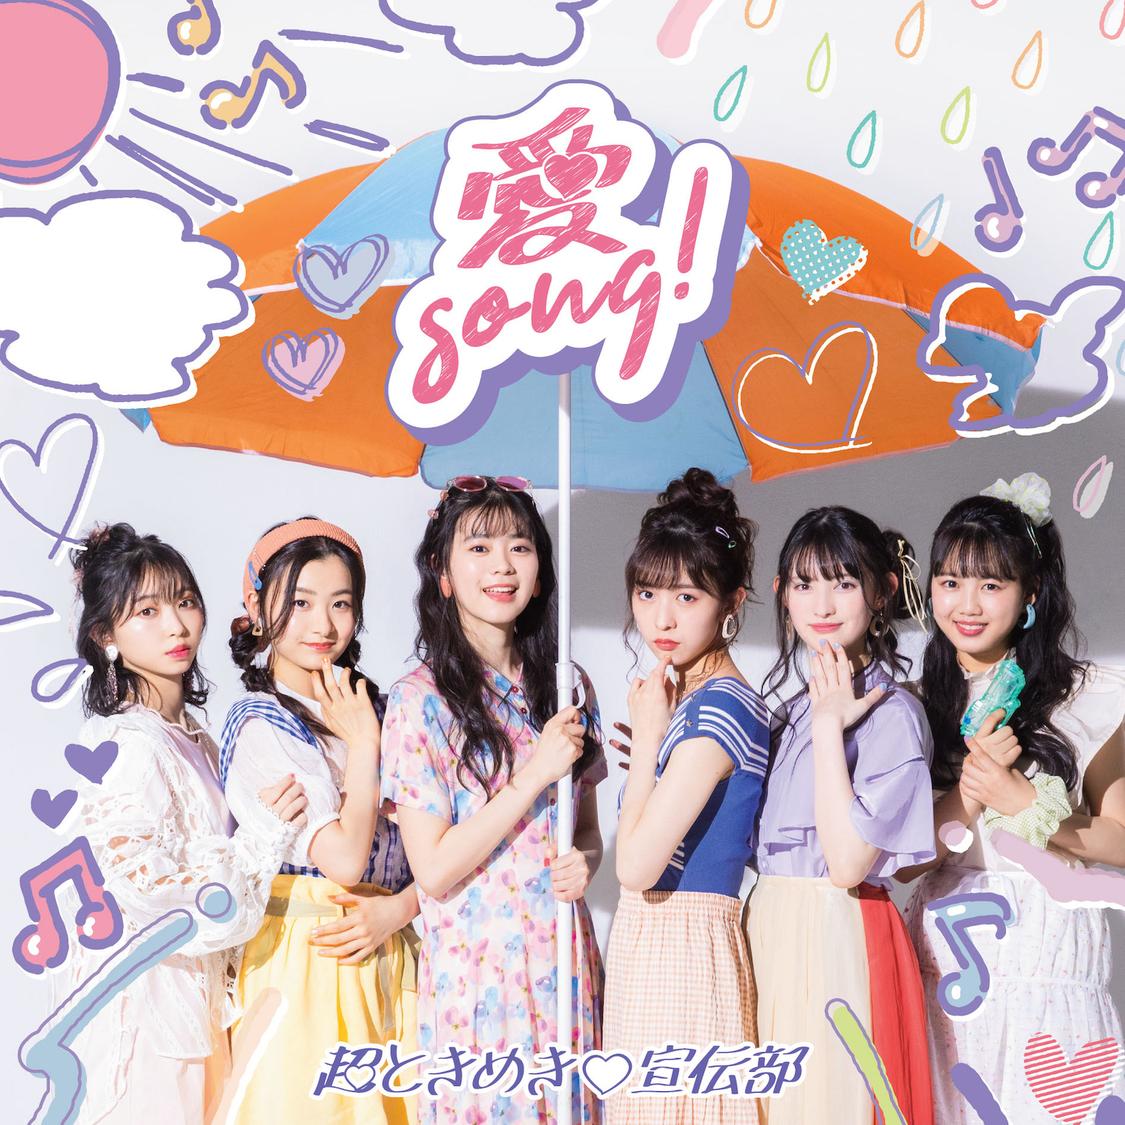 超ときめき♡宣伝部「愛Song!」配信ジャケット写真